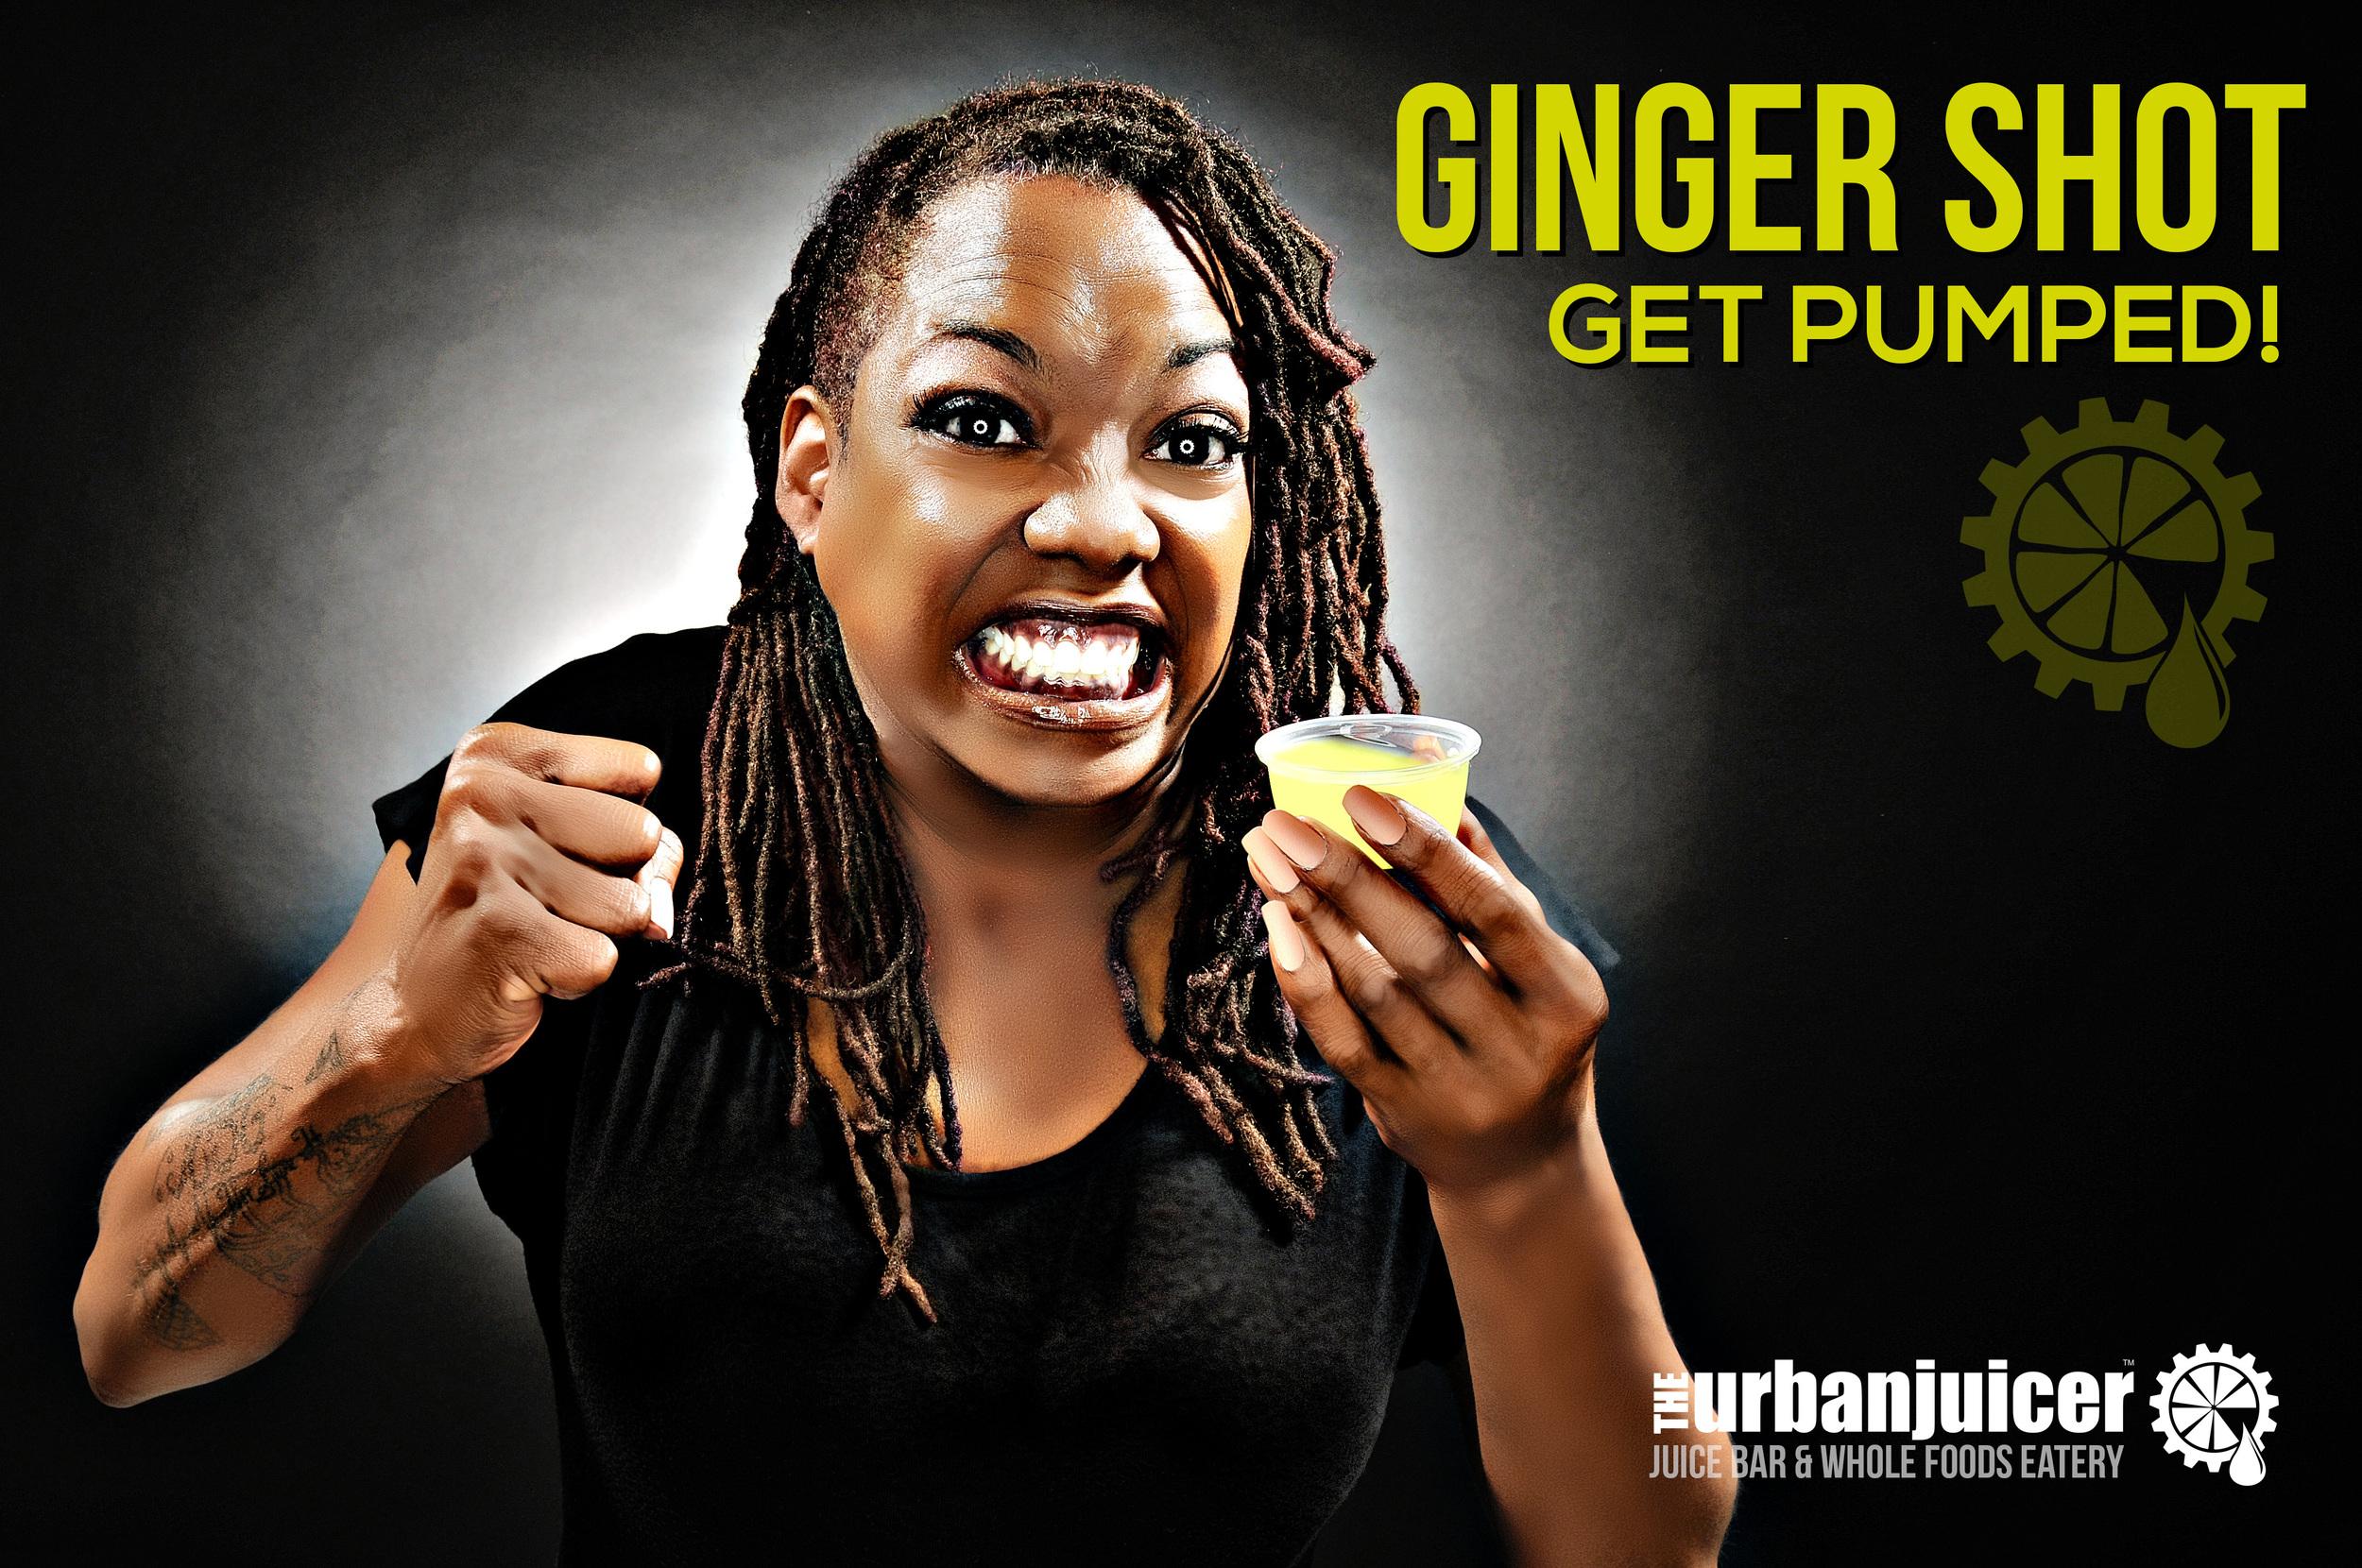 Candy-Ginger-Shot-Black-BG.jpg